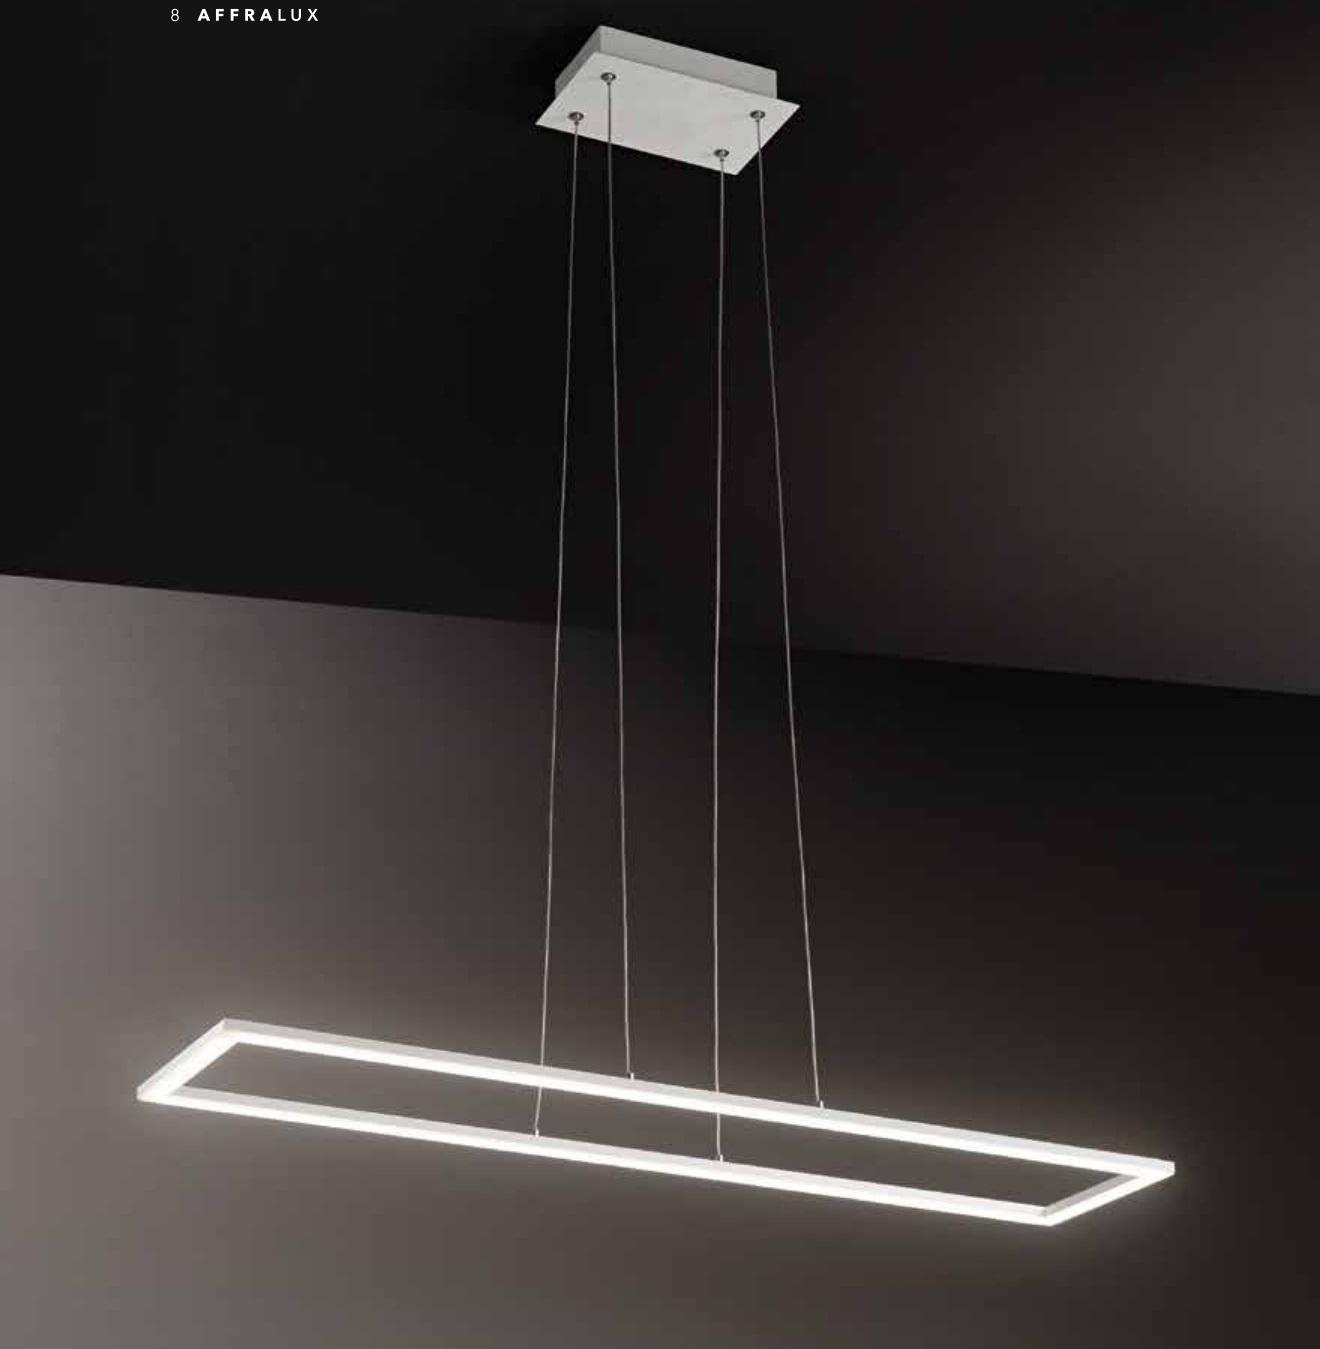 Lampadari moderni: le nuove tendenze del 2018